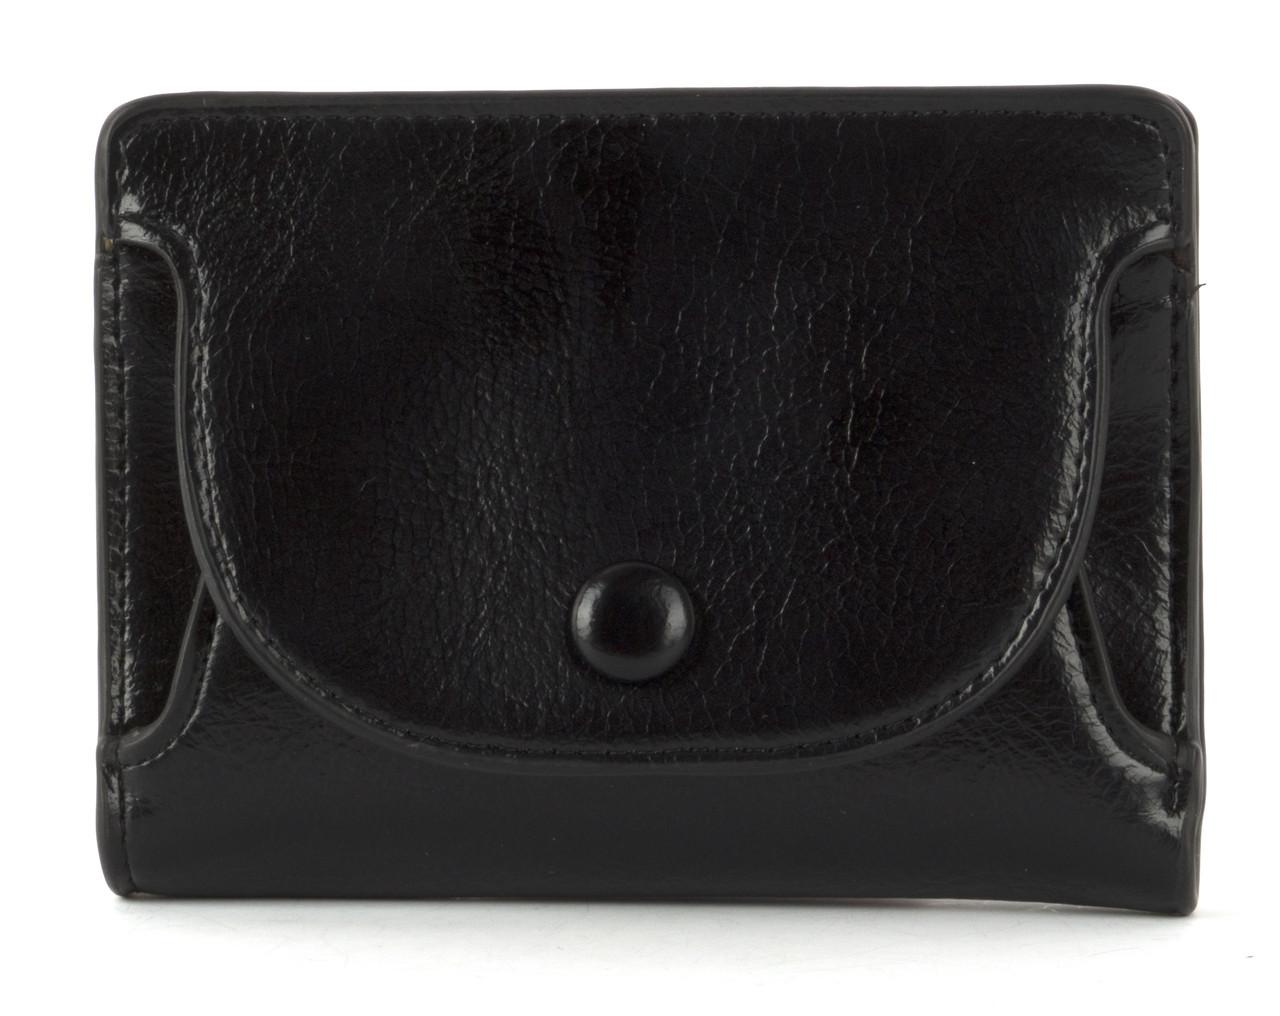 Жіночий місткий гаманець з еко шкіри SARALYN art. J0927